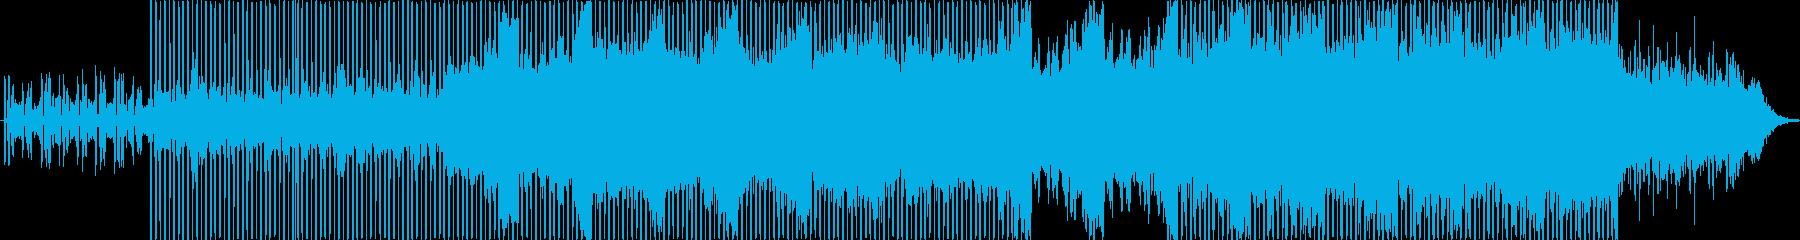 近未来、ハイテクノロジー感のあるBGMの再生済みの波形